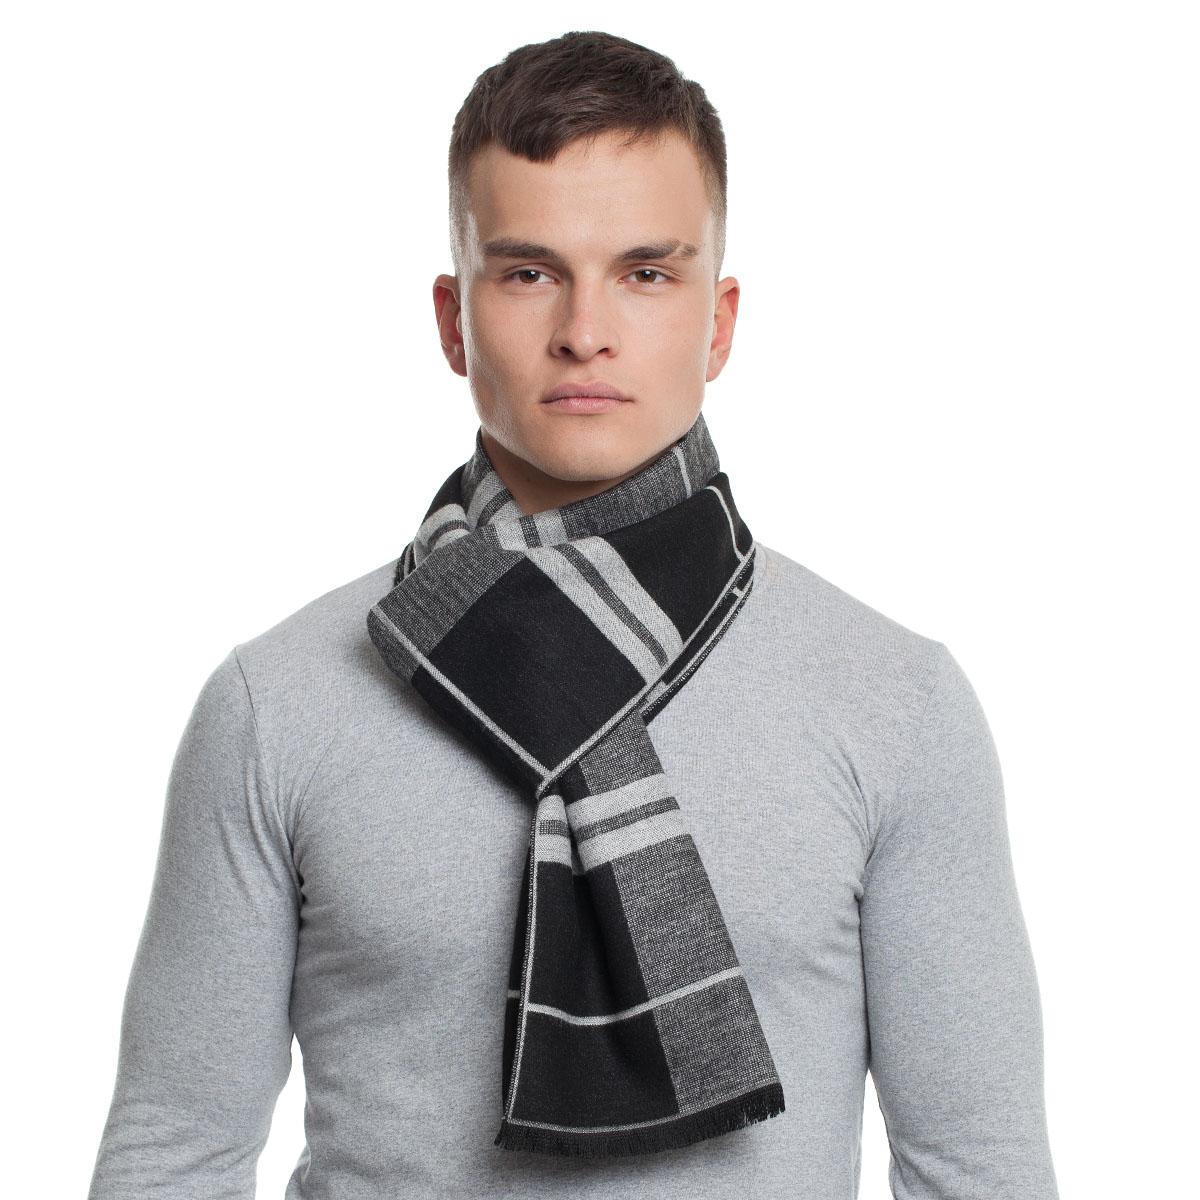 Шарф Sevenext, 47202-10 шарф sevenext 47202 10